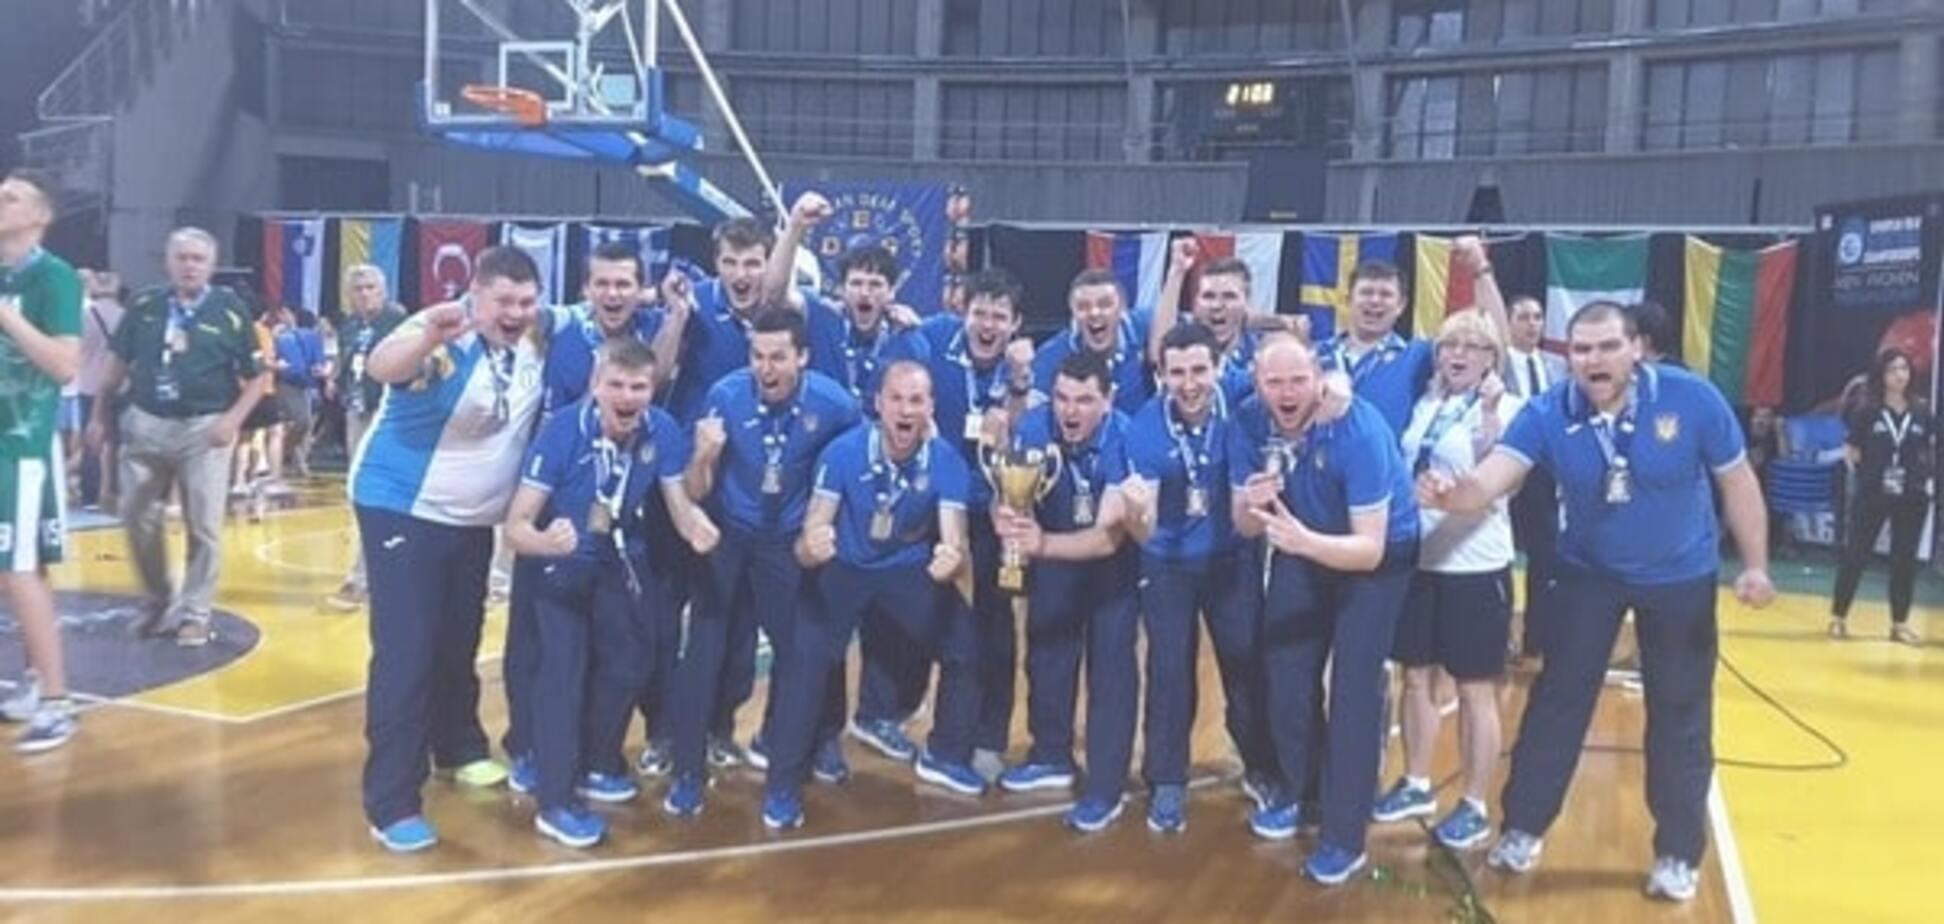 Паралимпийская сборная Украины по баскетболу стала вице-чемпионом Европы